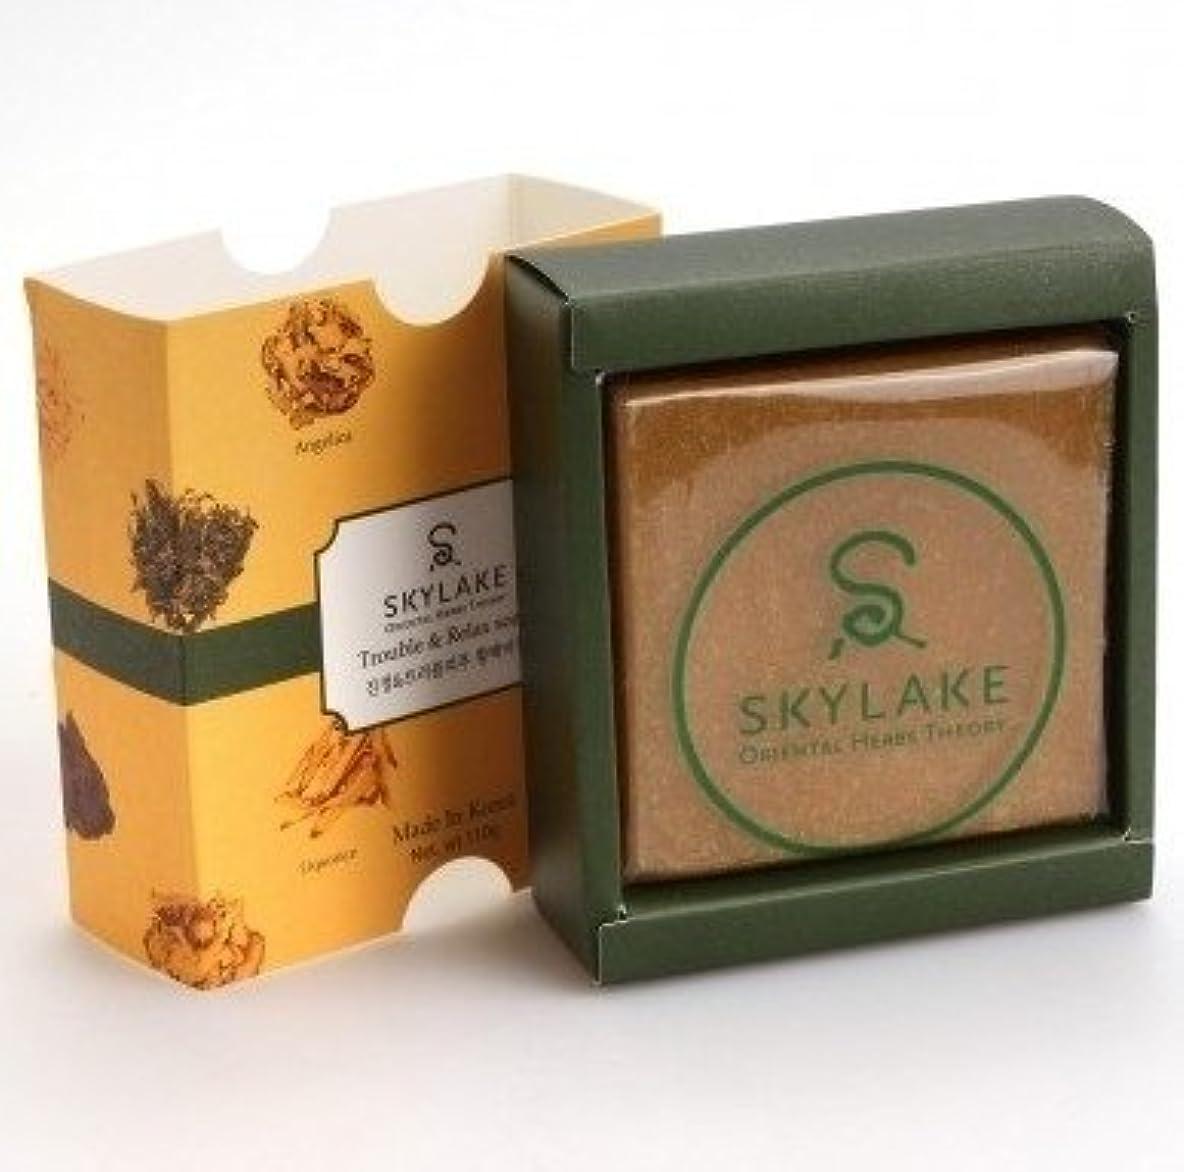 慈悲すずめ置換ハヌルホス[Skylake] 漢方アロマ石鹸Oriental Herbs Theory Soap (肌荒れ肌用)